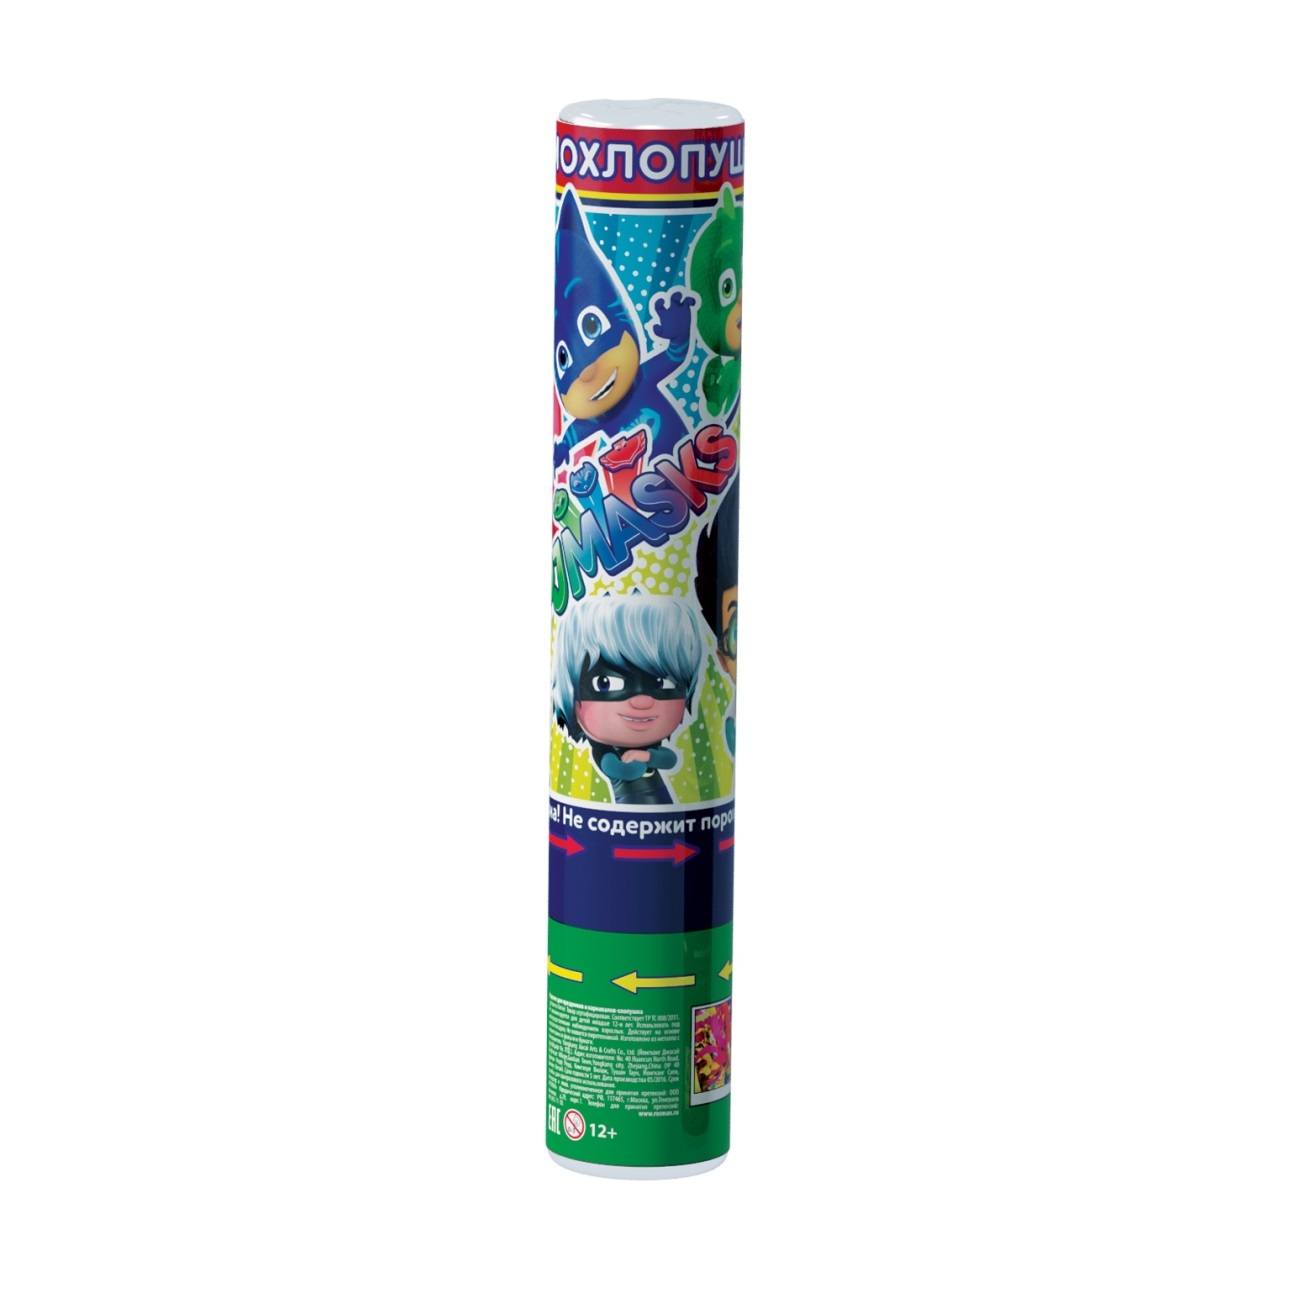 Праздничная хлопушка Герои в масках 30 см (серпантин и конфетти), разноцветный